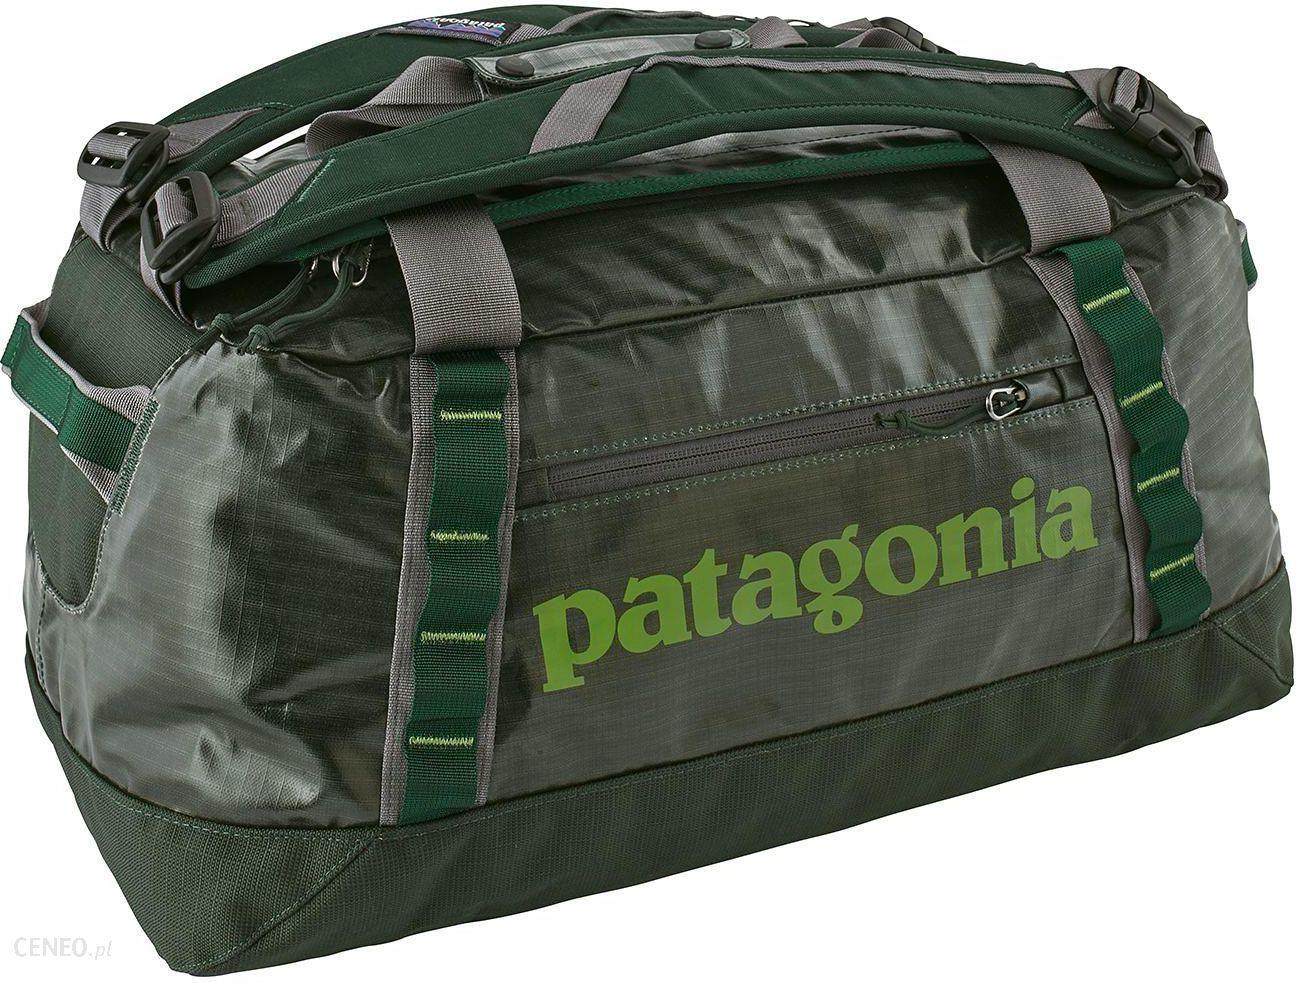 ad6260c8508a2 Plecak Patagonia Torba Black Hole Duffel 45L Micro Green 49337Micg -  zdjęcie 1